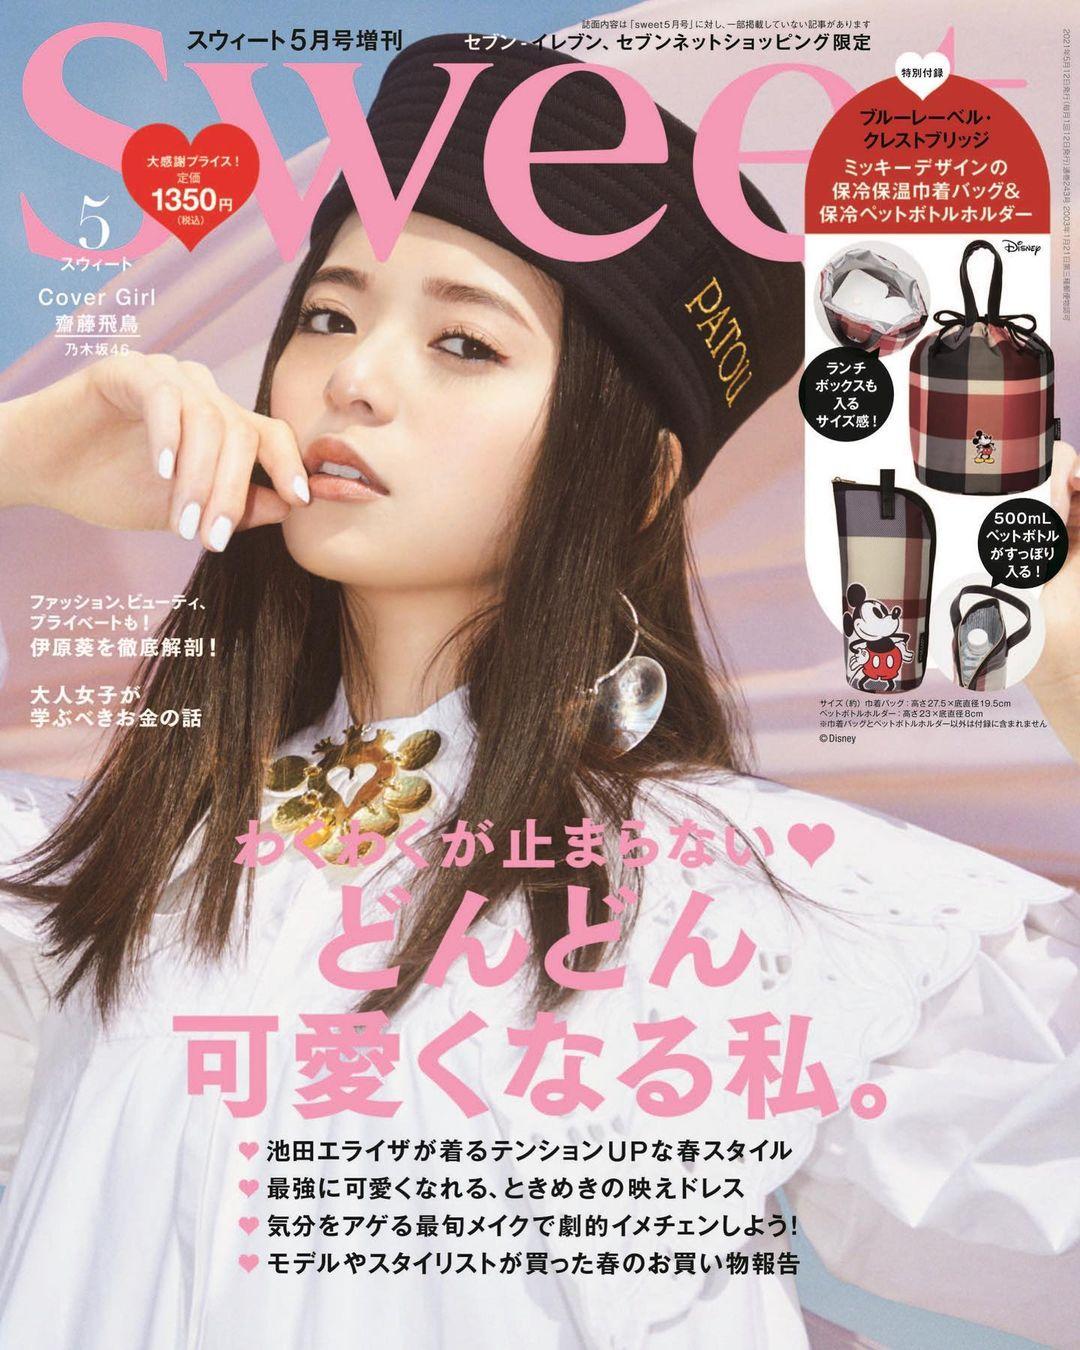 sweet 5月号 セブンイレブン限定表紙 齋藤飛鳥